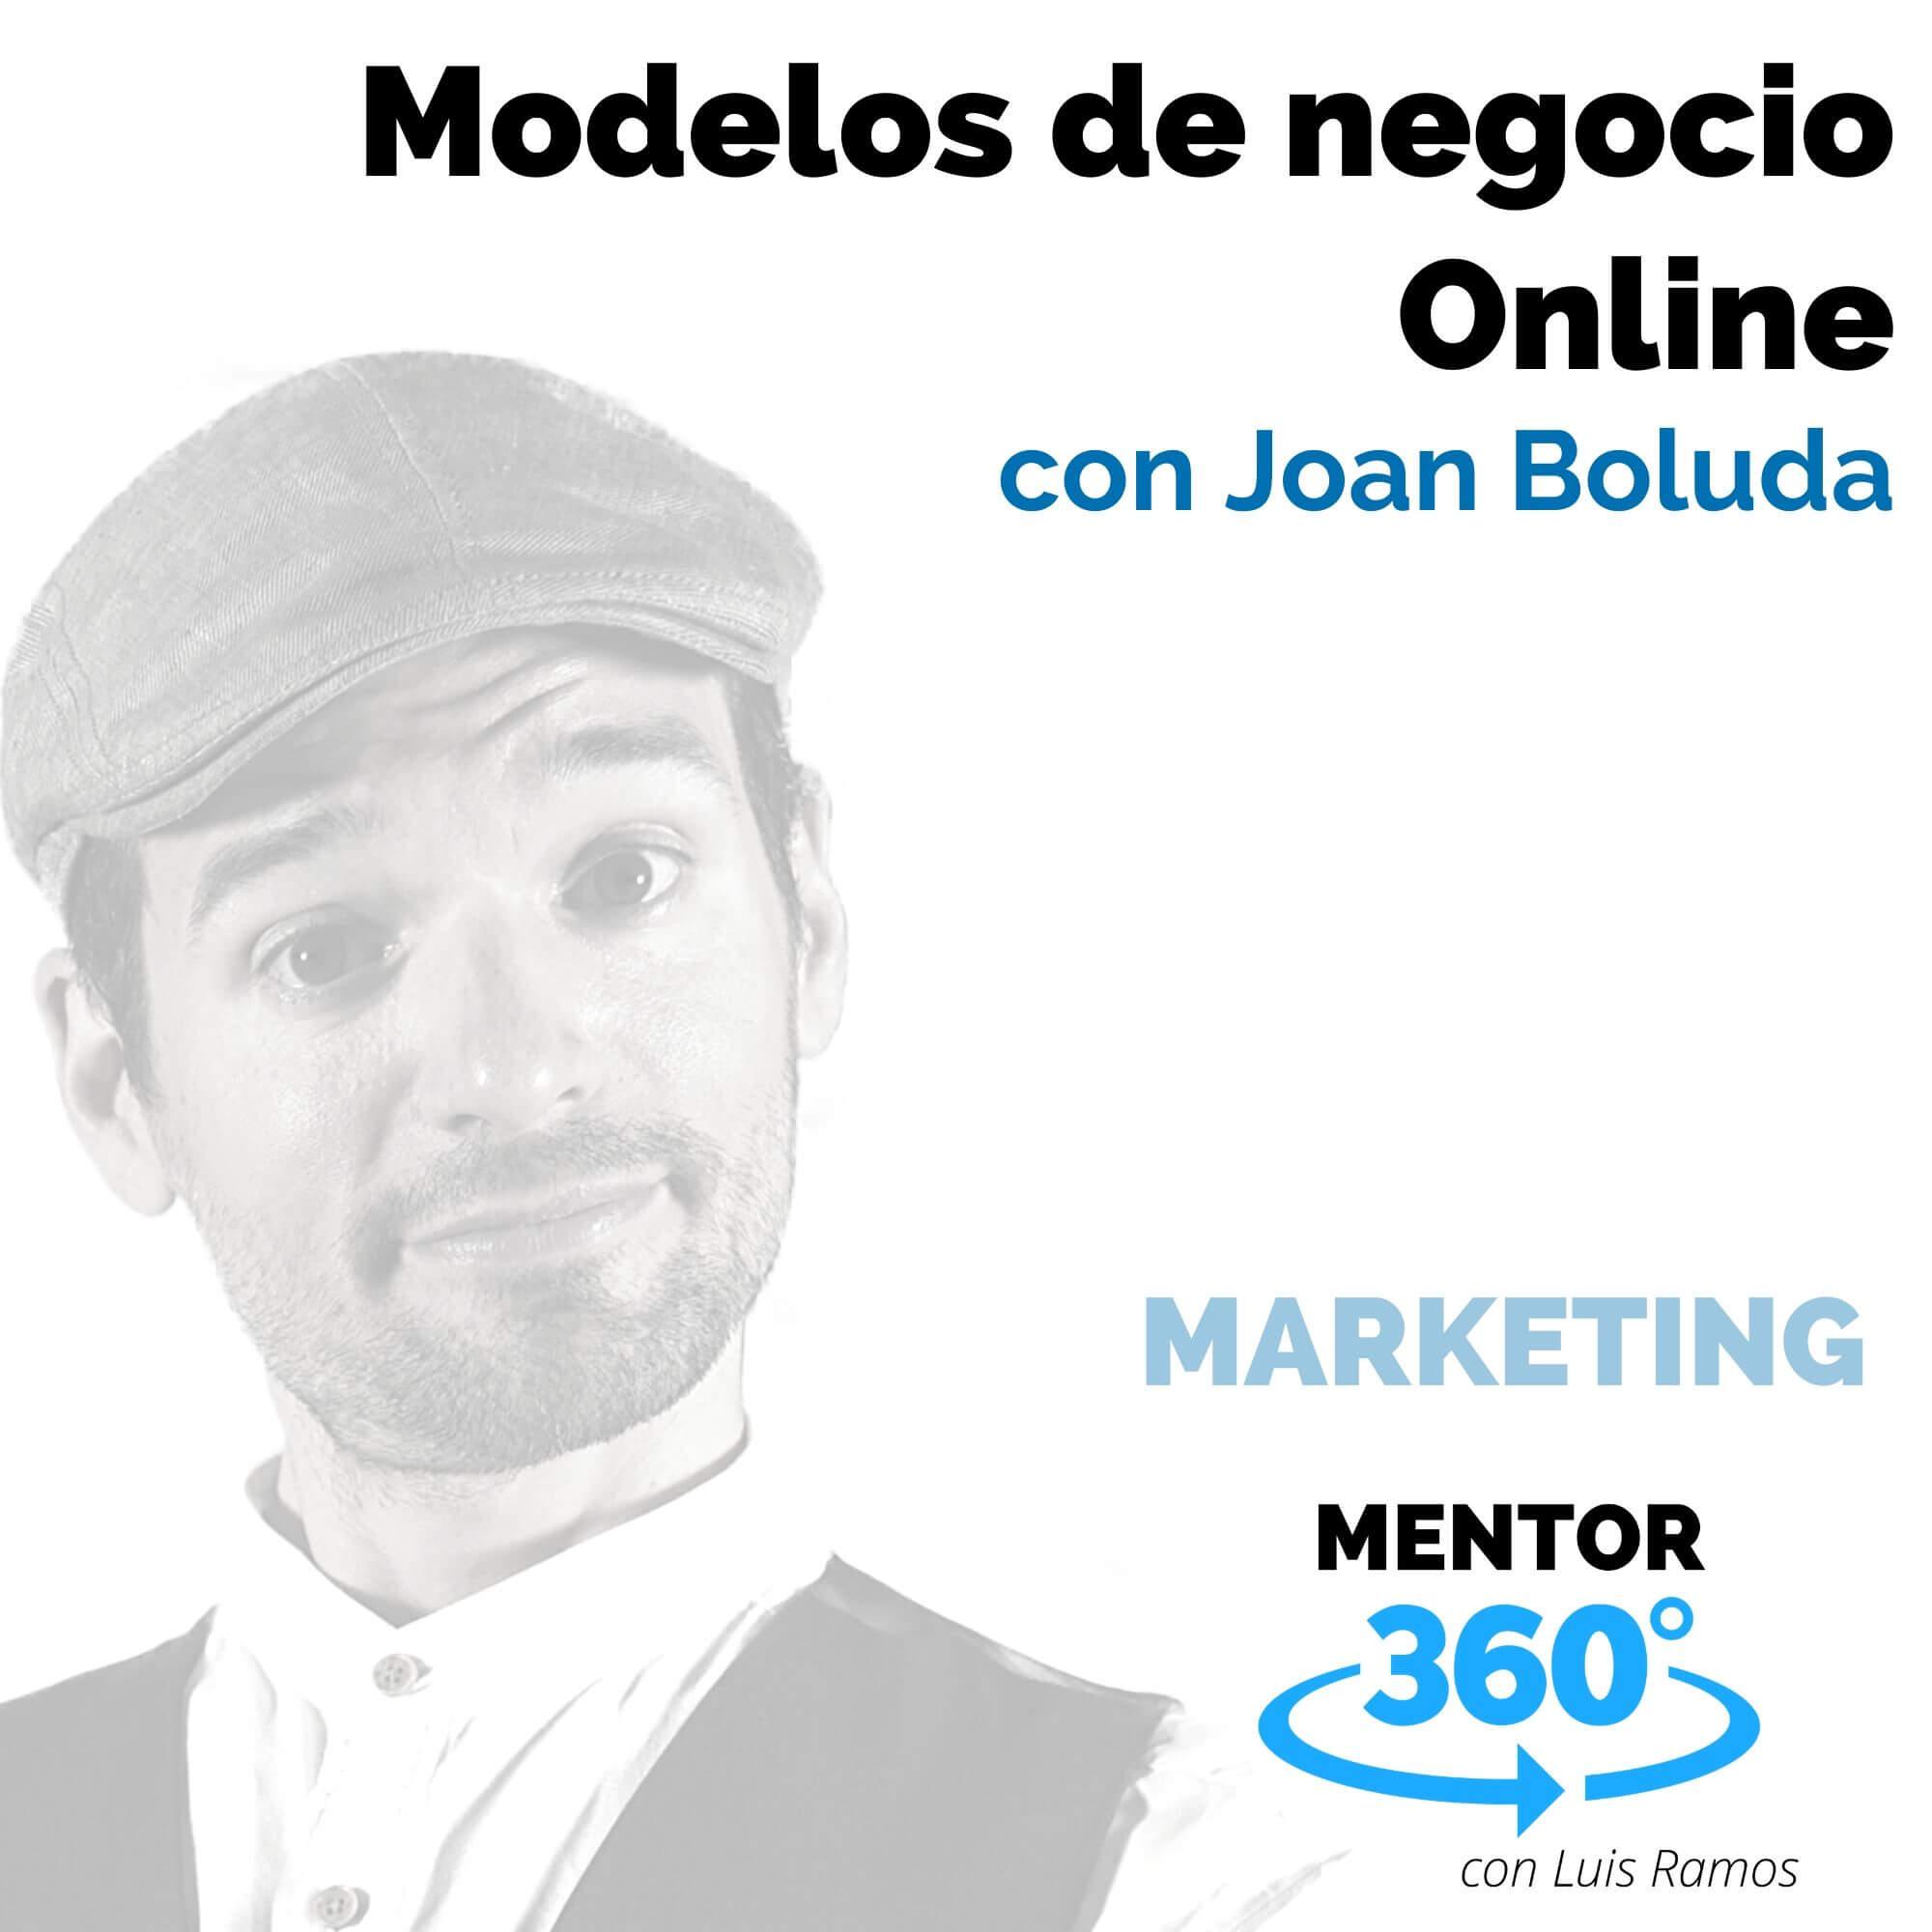 Modelos de negocio Online, con Joan Boluda - MARKETING